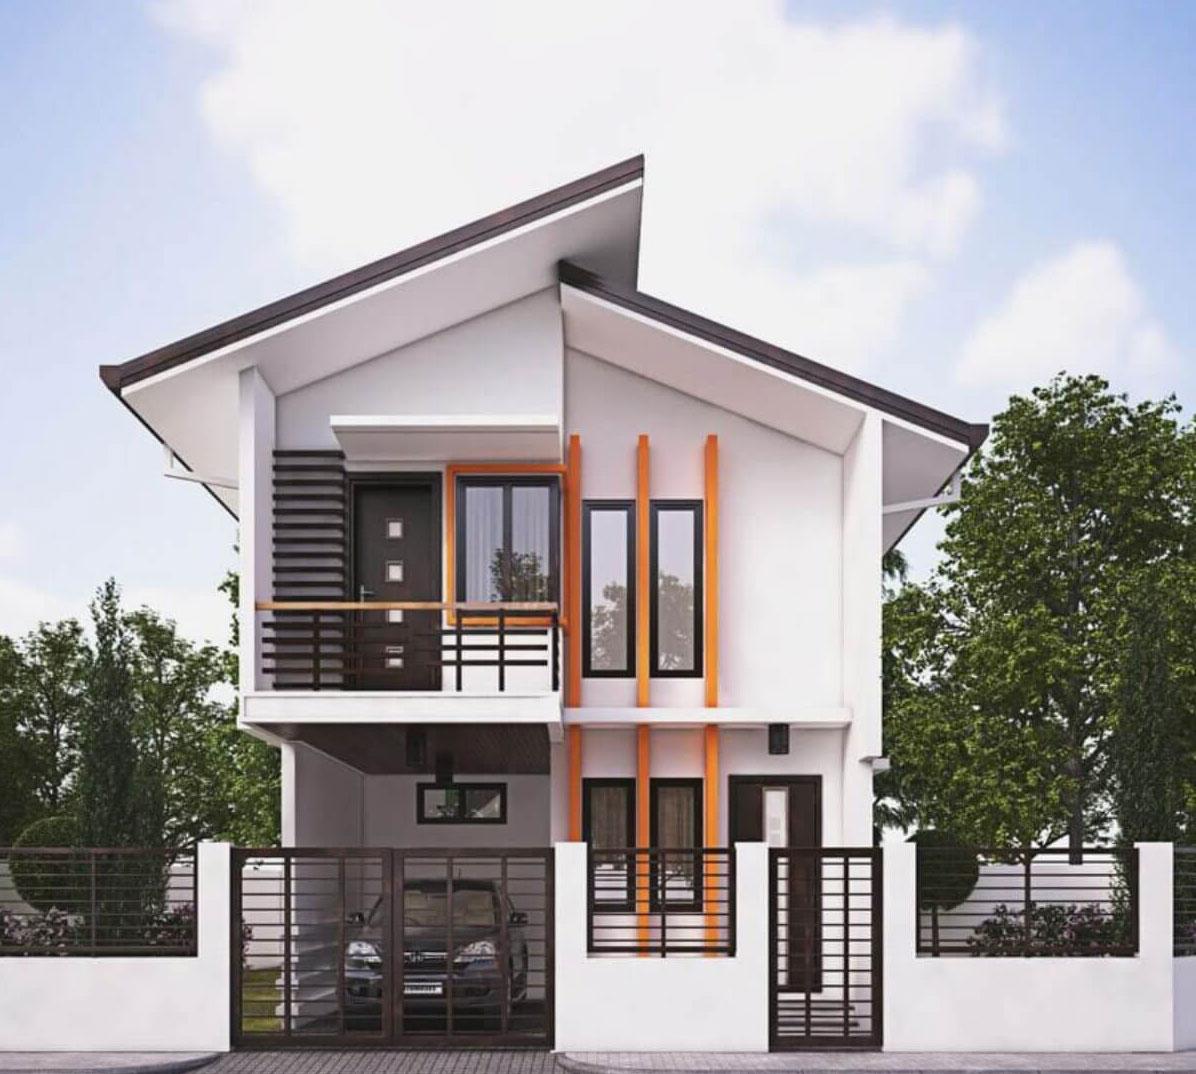 10+ Mẫu nhà biệt thự 2 tầng hình chữ L lợp tôn phong cách hiện đại (Phần 2)